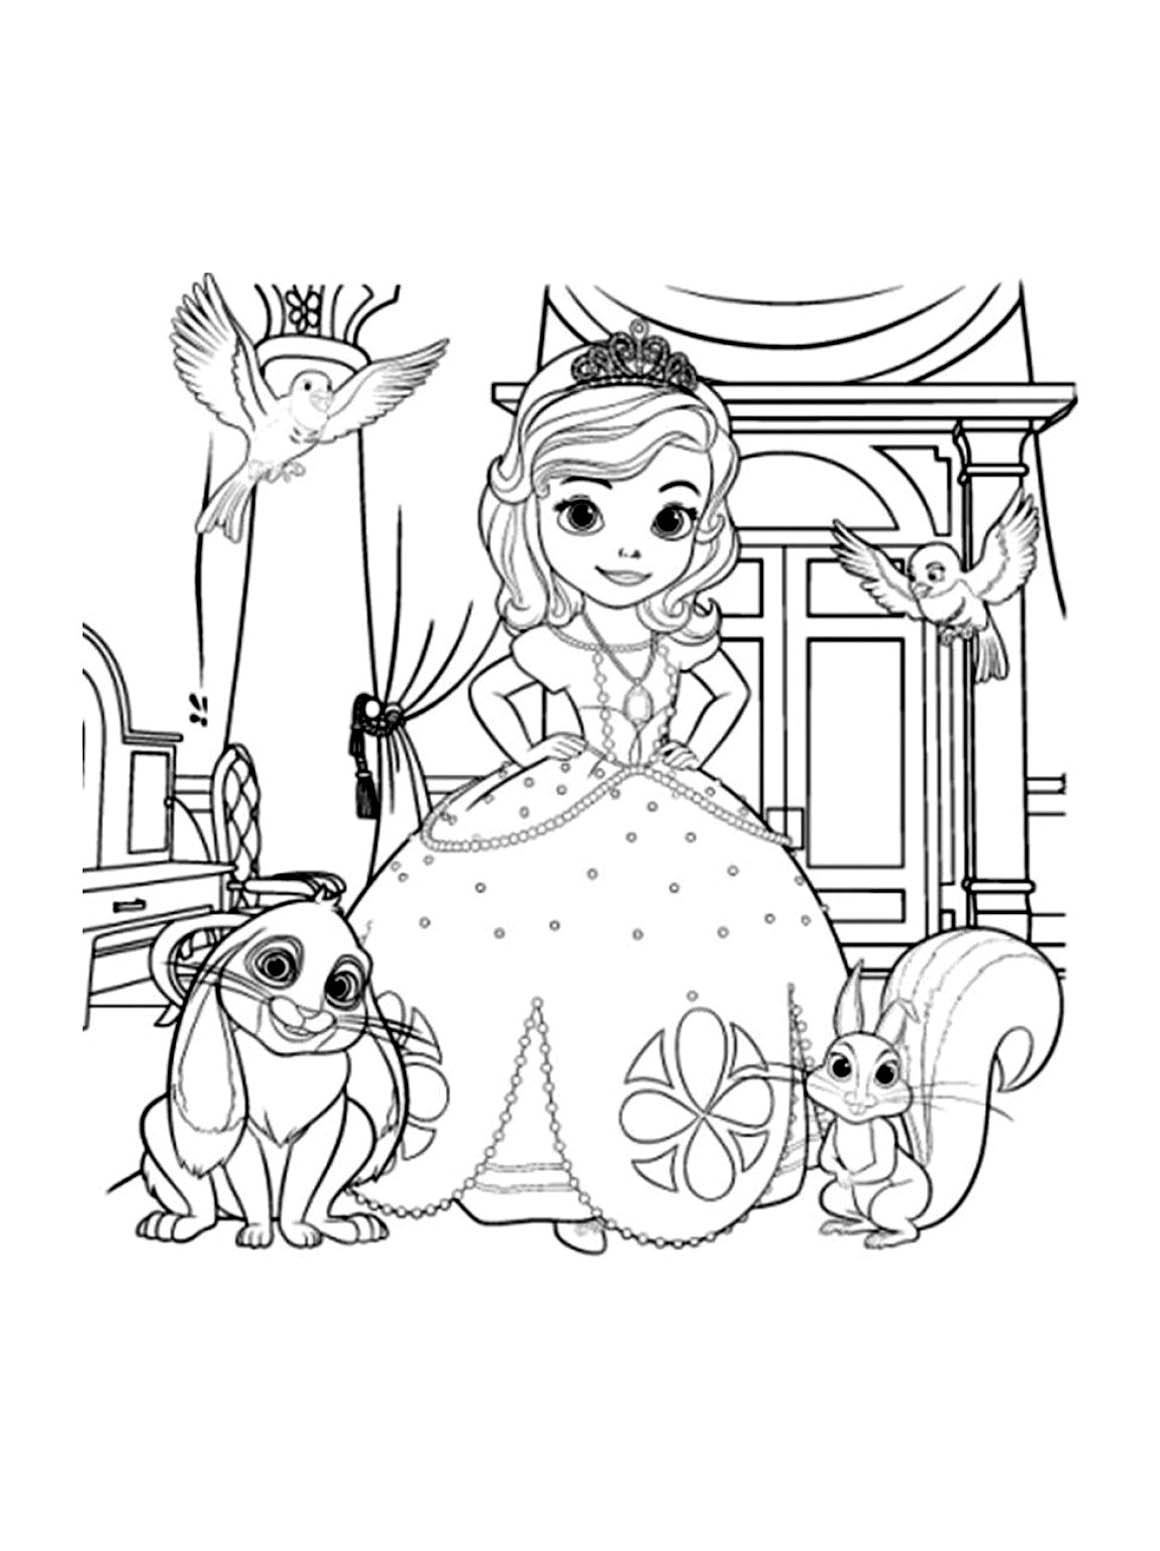 Coloriage De Princesse Sofia Disney Gratuit A Colorier Coloriage Princesse Sofia Disney Coloriages Pour Enfants